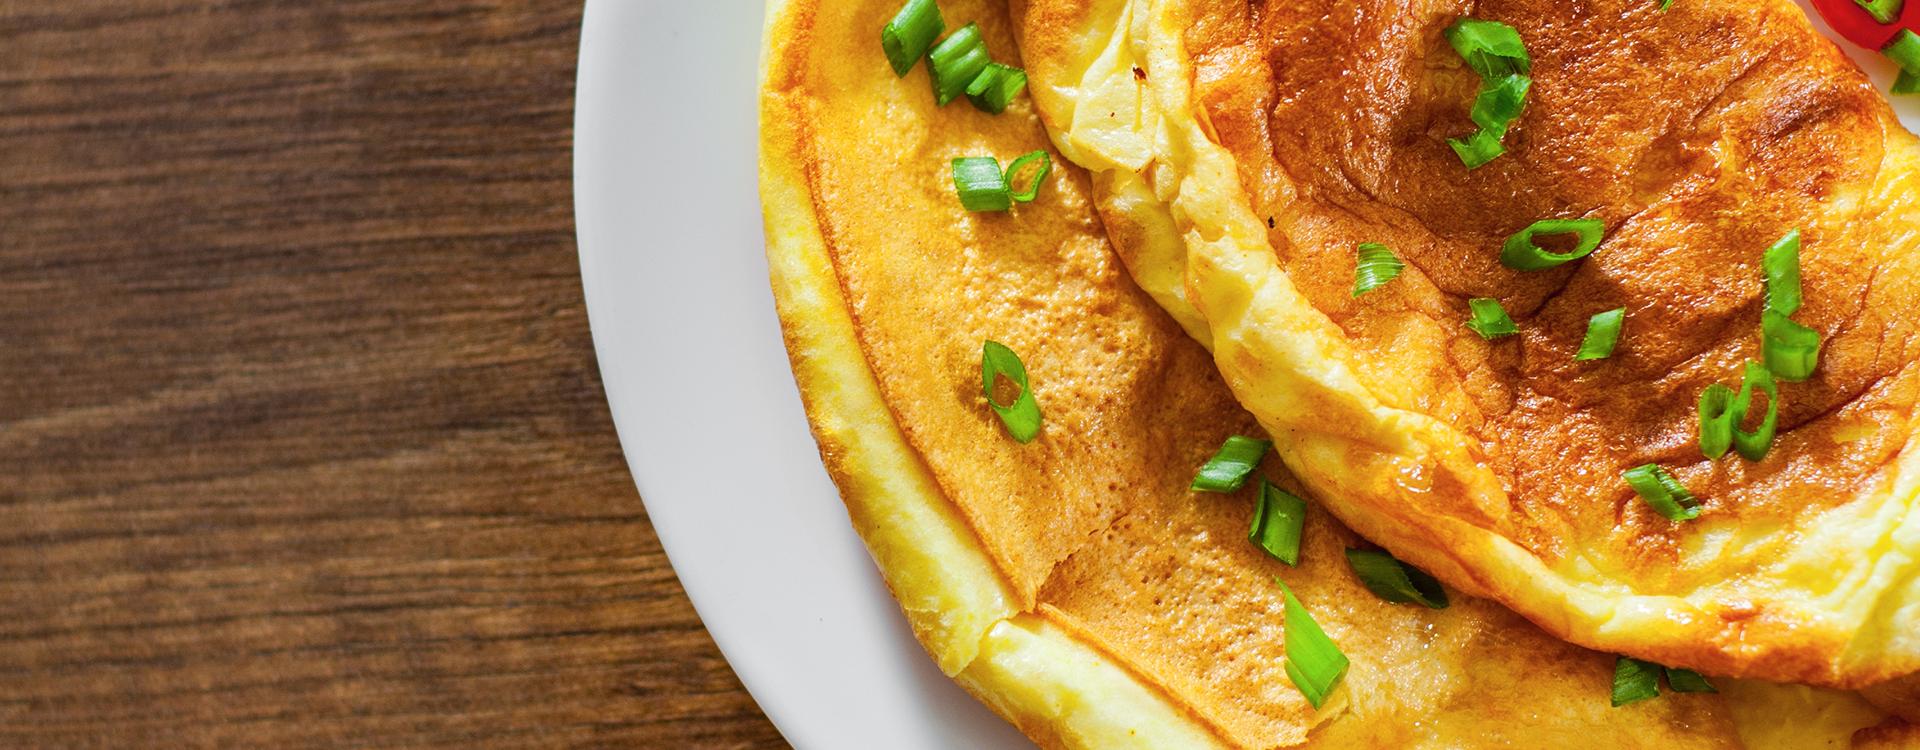 Przepis na omlet na słono - jak to ugryźć?